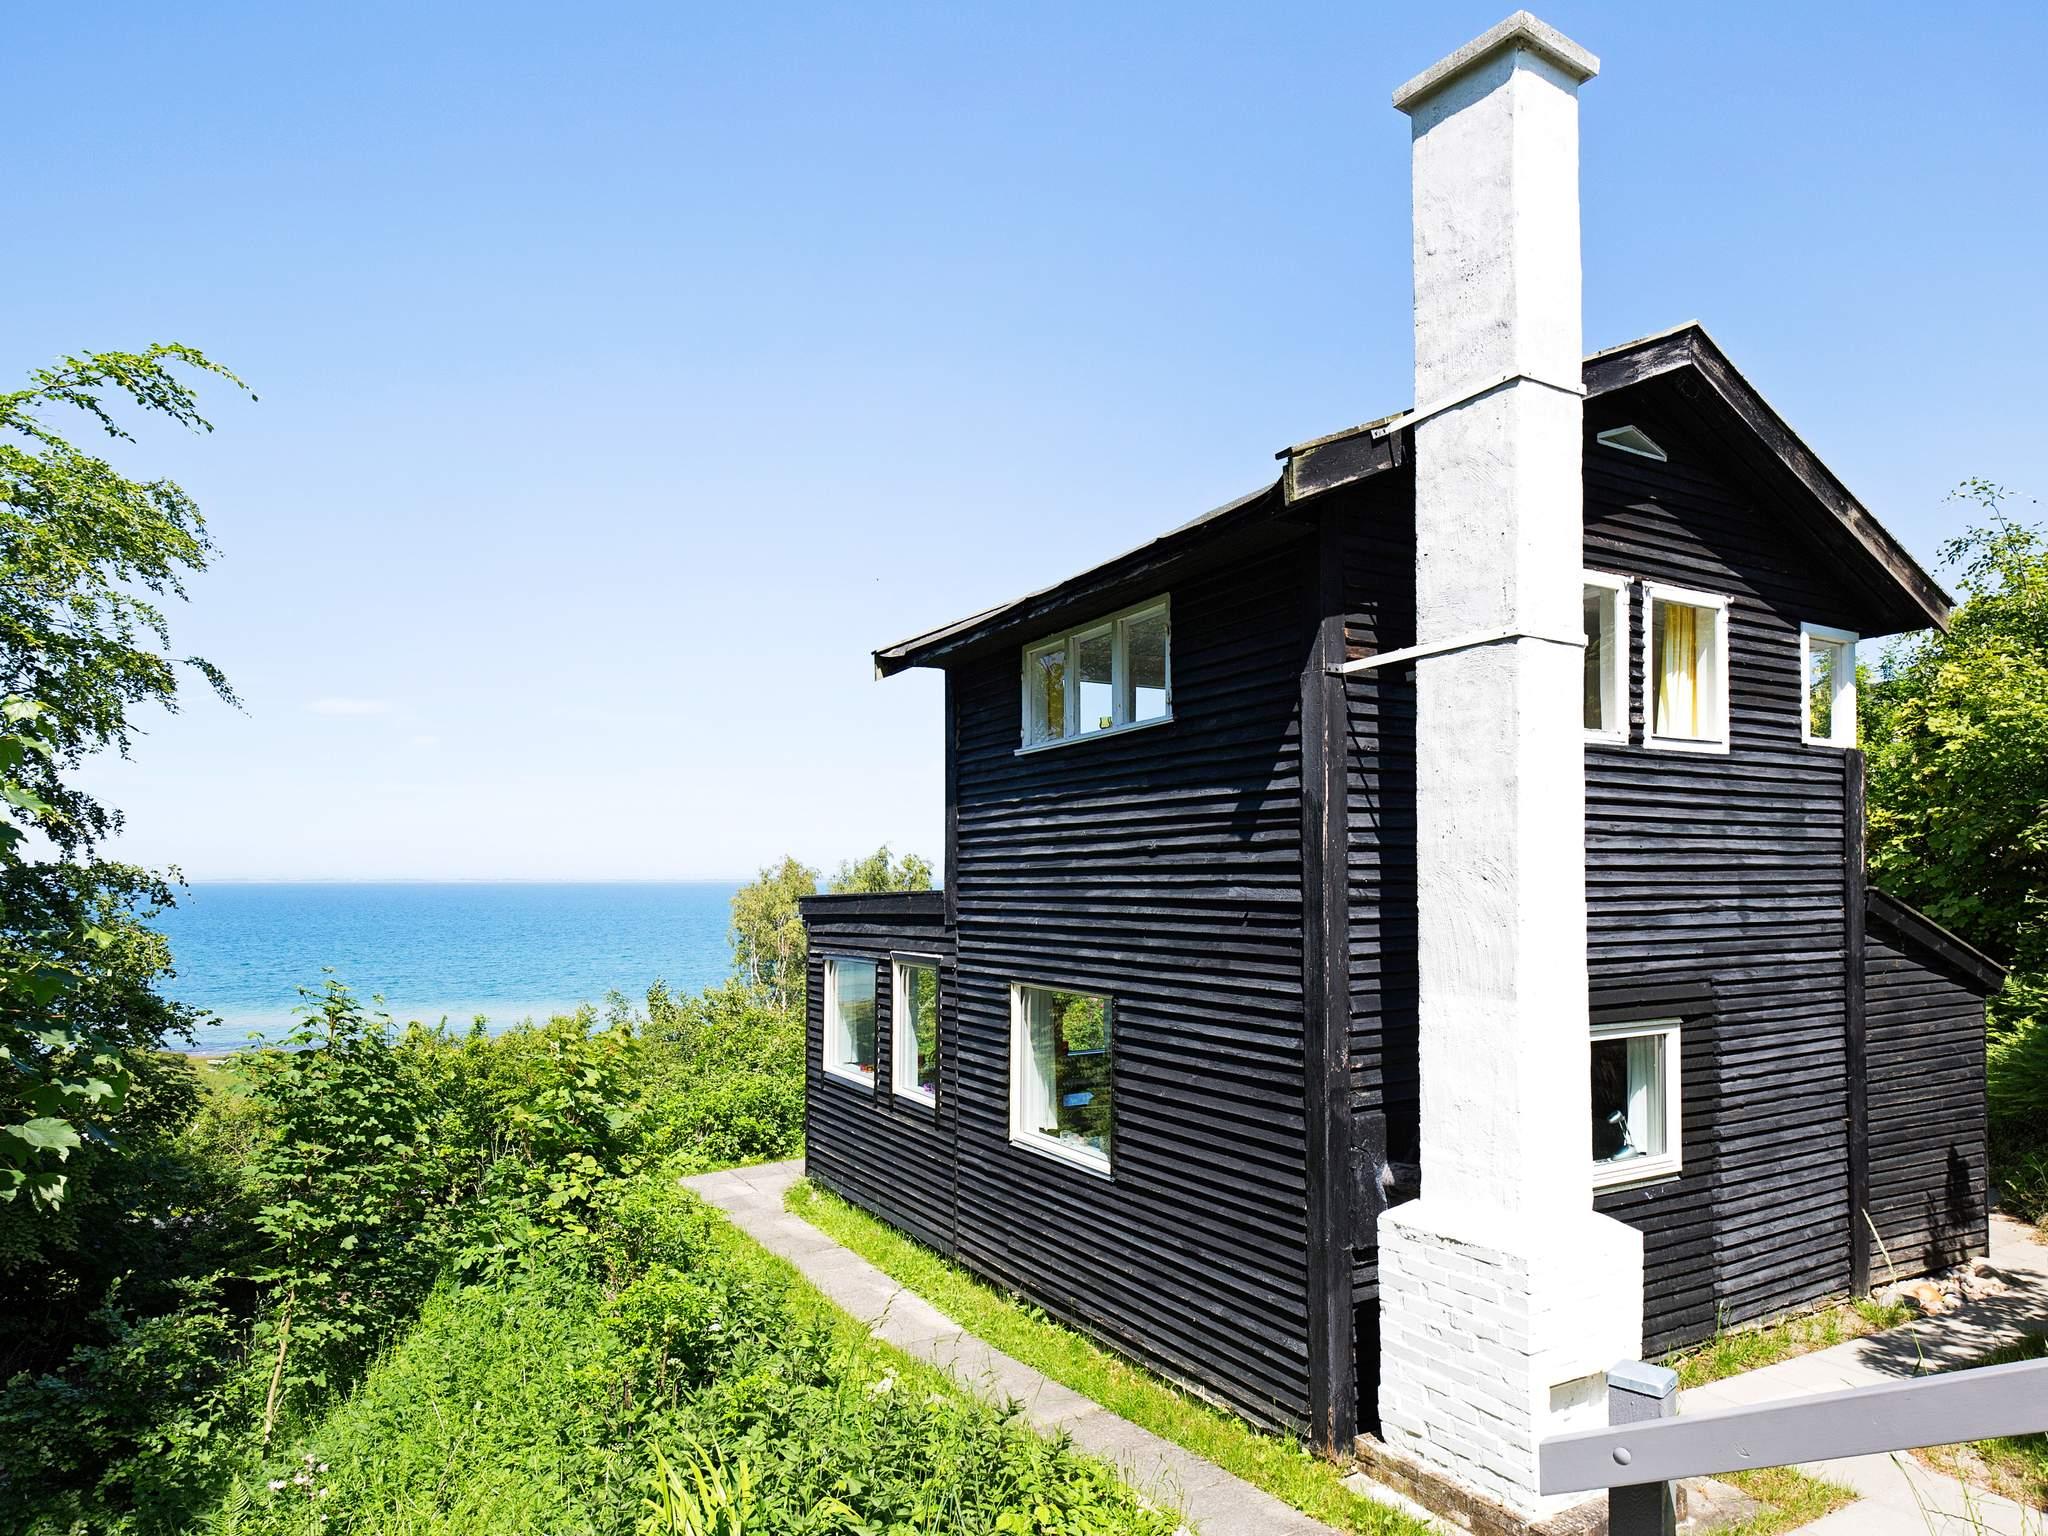 Ferienhaus Veddinge Bakker (83369), Asnæs, , Westseeland, Dänemark, Bild 1